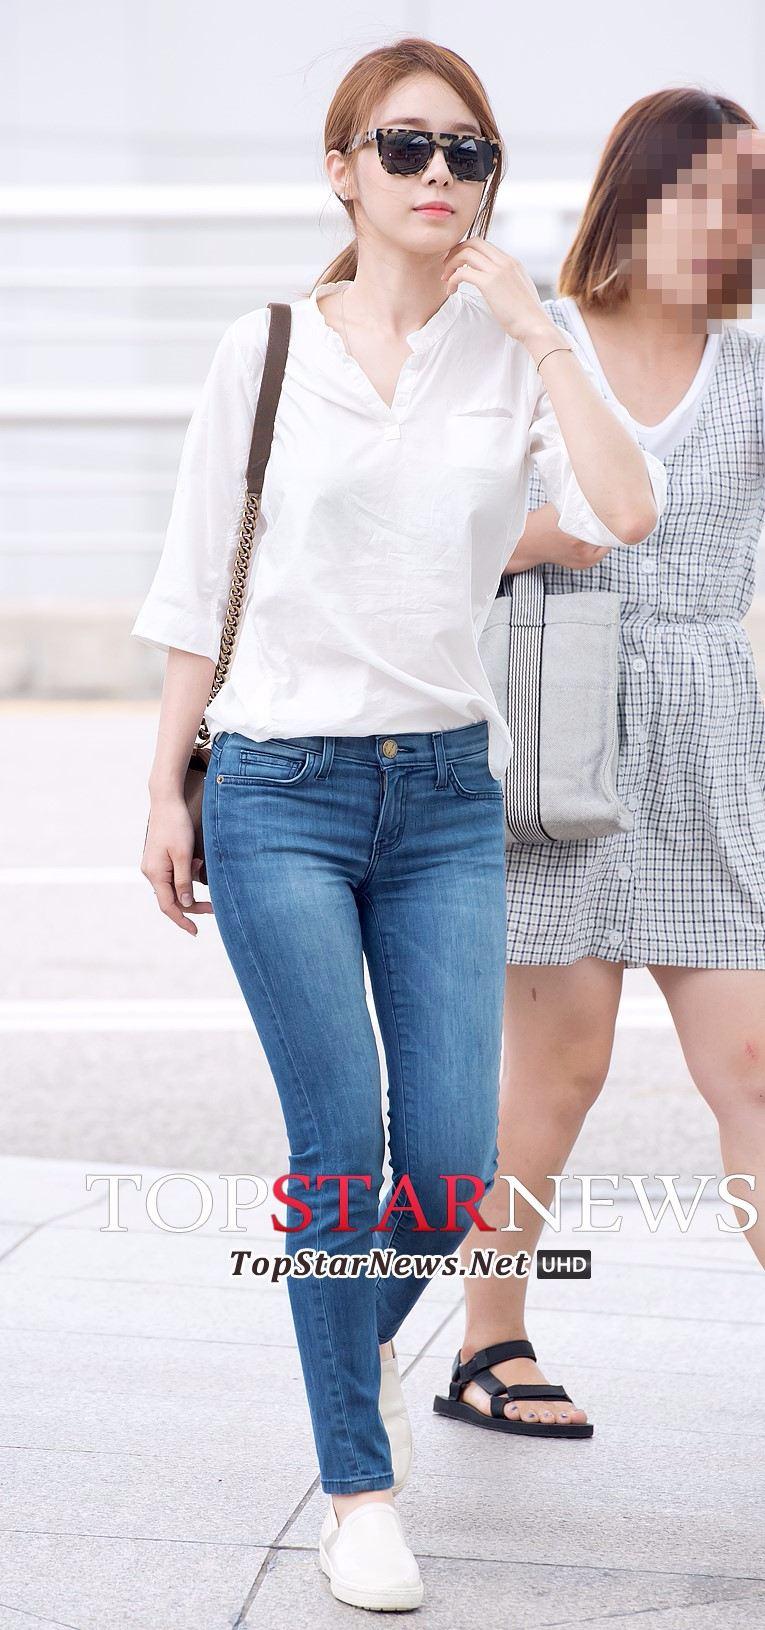 女孩方面,除了子瑜,最先想到的就是演員劉寅娜(又譯劉仁娜)~ 一樣簡單休閒的裝扮,我穿就是去市場幫忙提東西,劉寅娜一穿就是機場Fashion走秀!